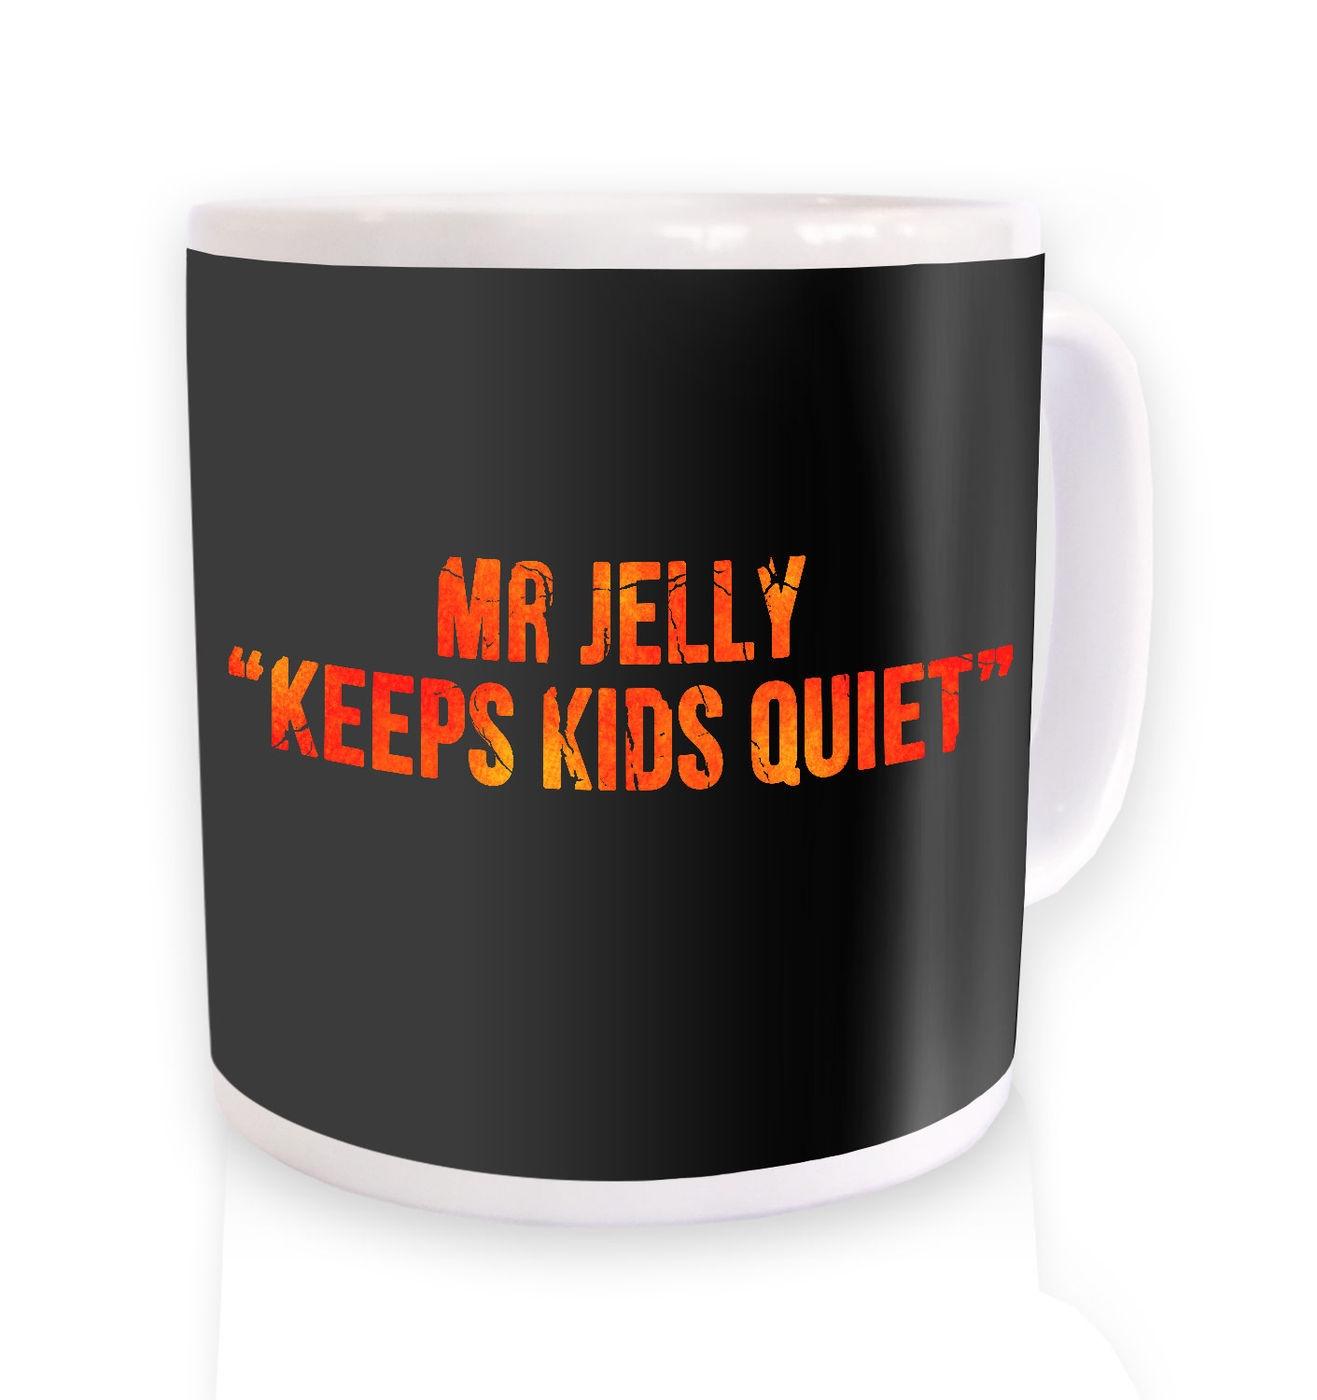 Keeps Kids Quiet mug by Something Geeky